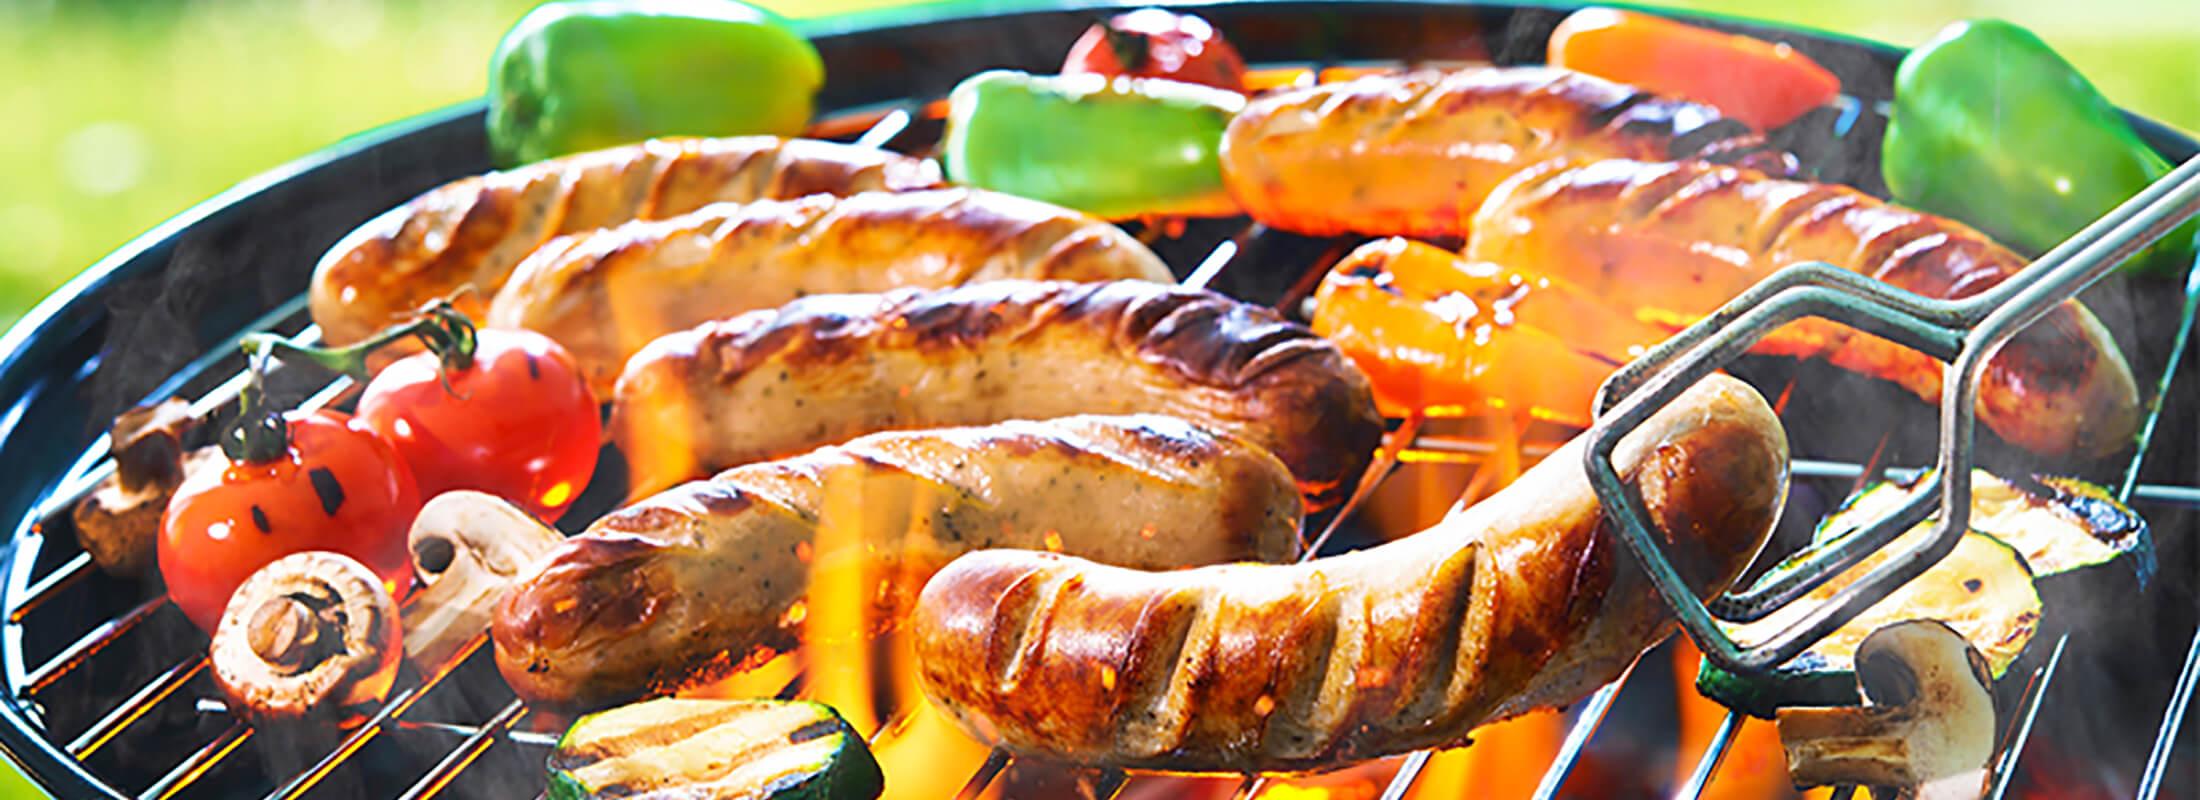 Saucisses sans gluten aux légumes sur un barbecue